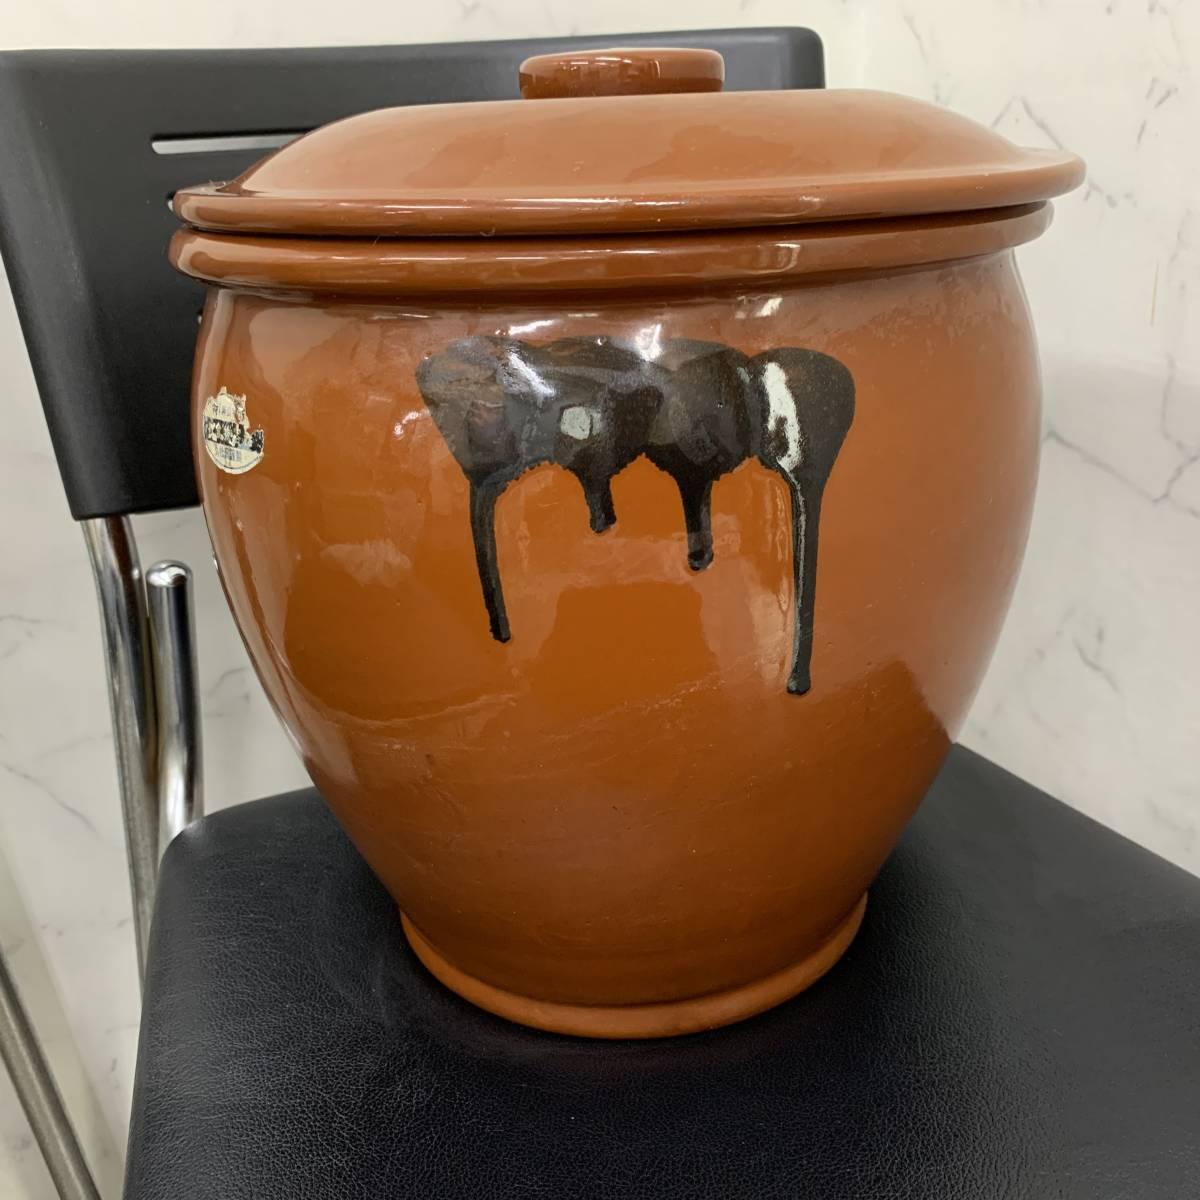 2、常滑焼 久松窯 梅干し壺 漬物容器 かめ 漬物 らっきょ 梅干 味噌 蓋付 経年保管品_画像1